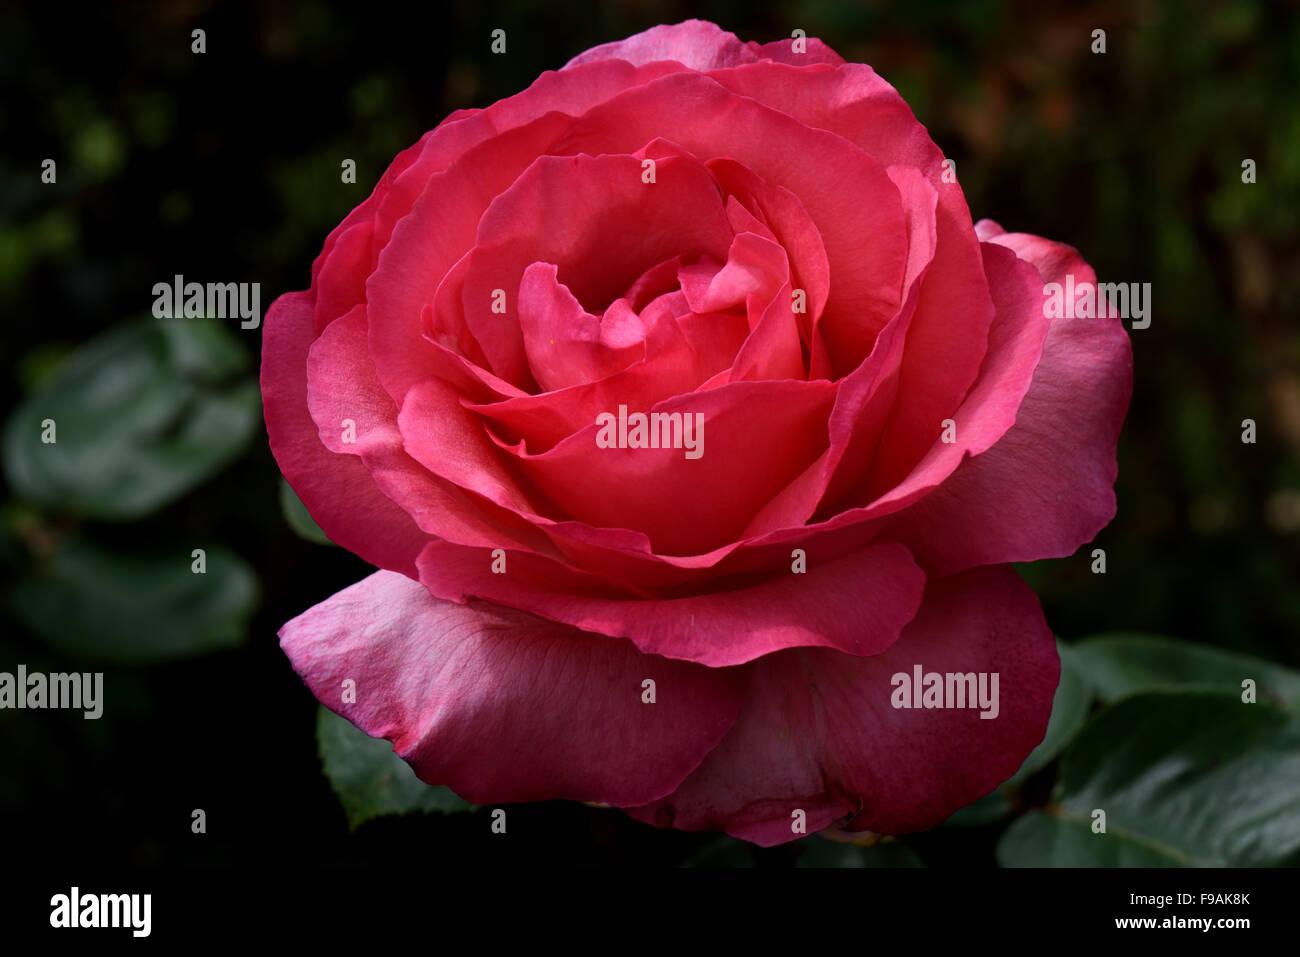 Eine perfekte rote Rosenblüte vor einem dunklen Hintergrund Stockbild